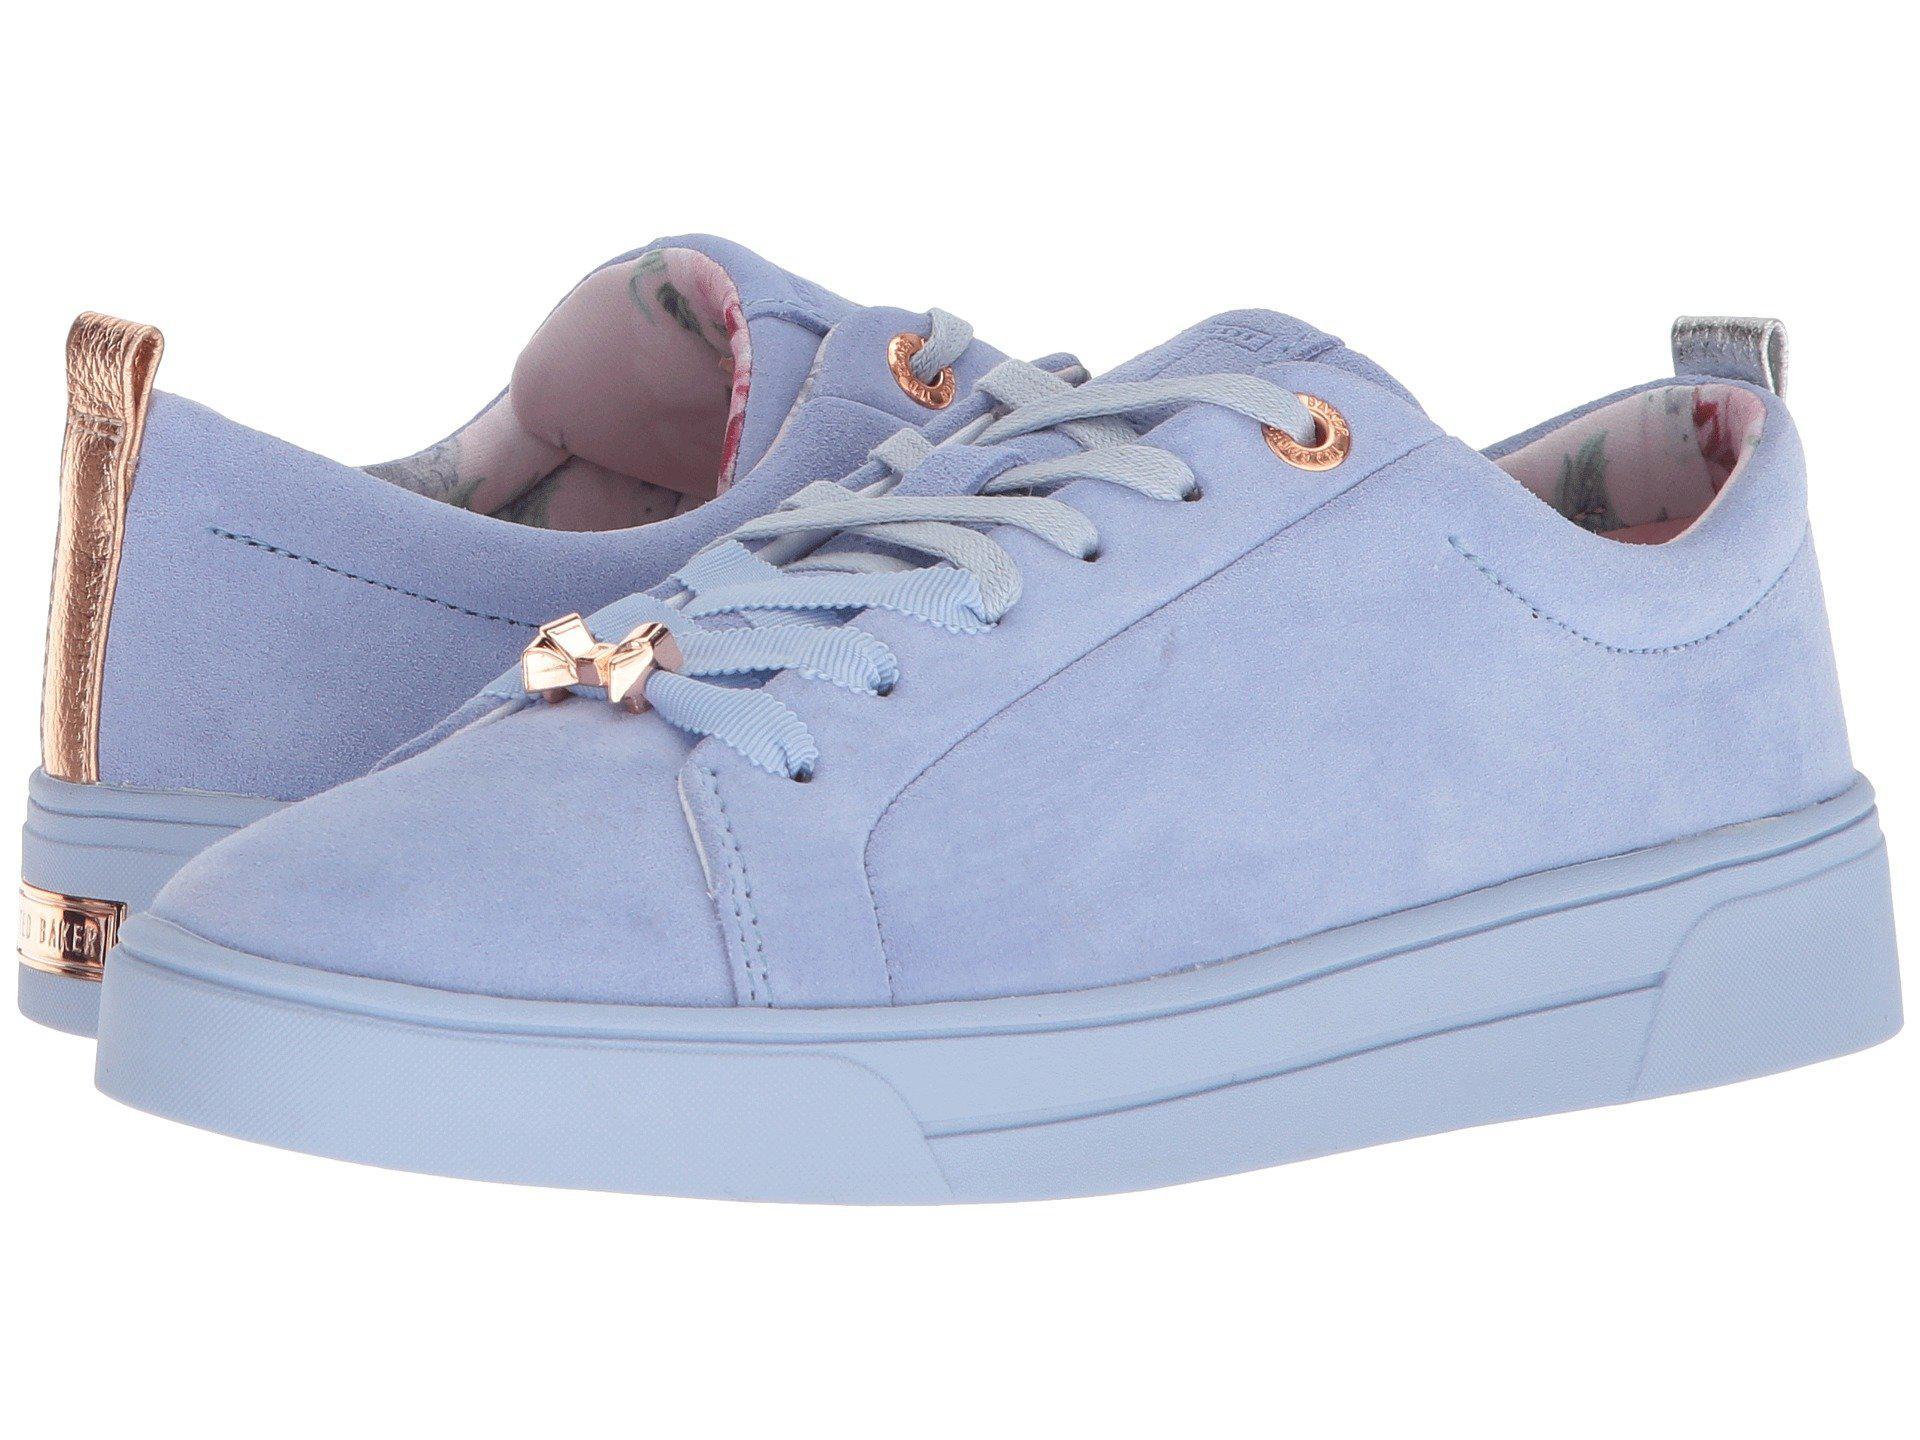 Ted Baker Women's Kelleis Sneaker rw5Wcl6F9